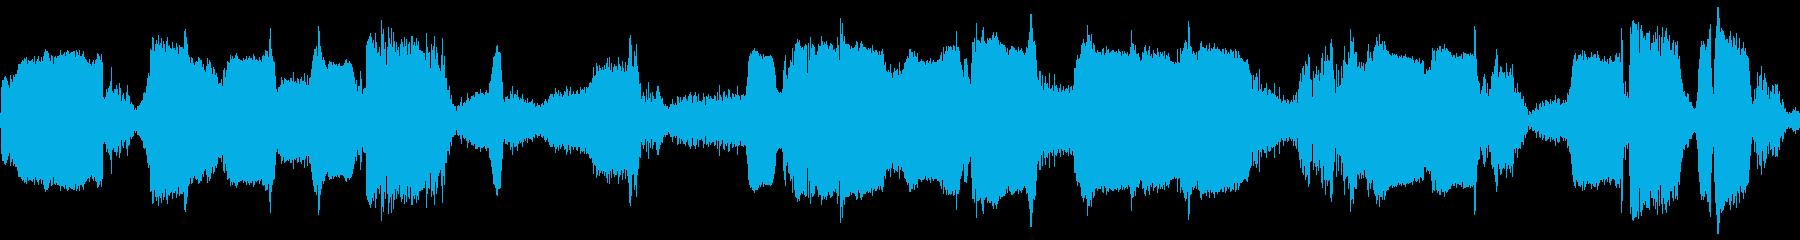 短波チューニングの再生済みの波形